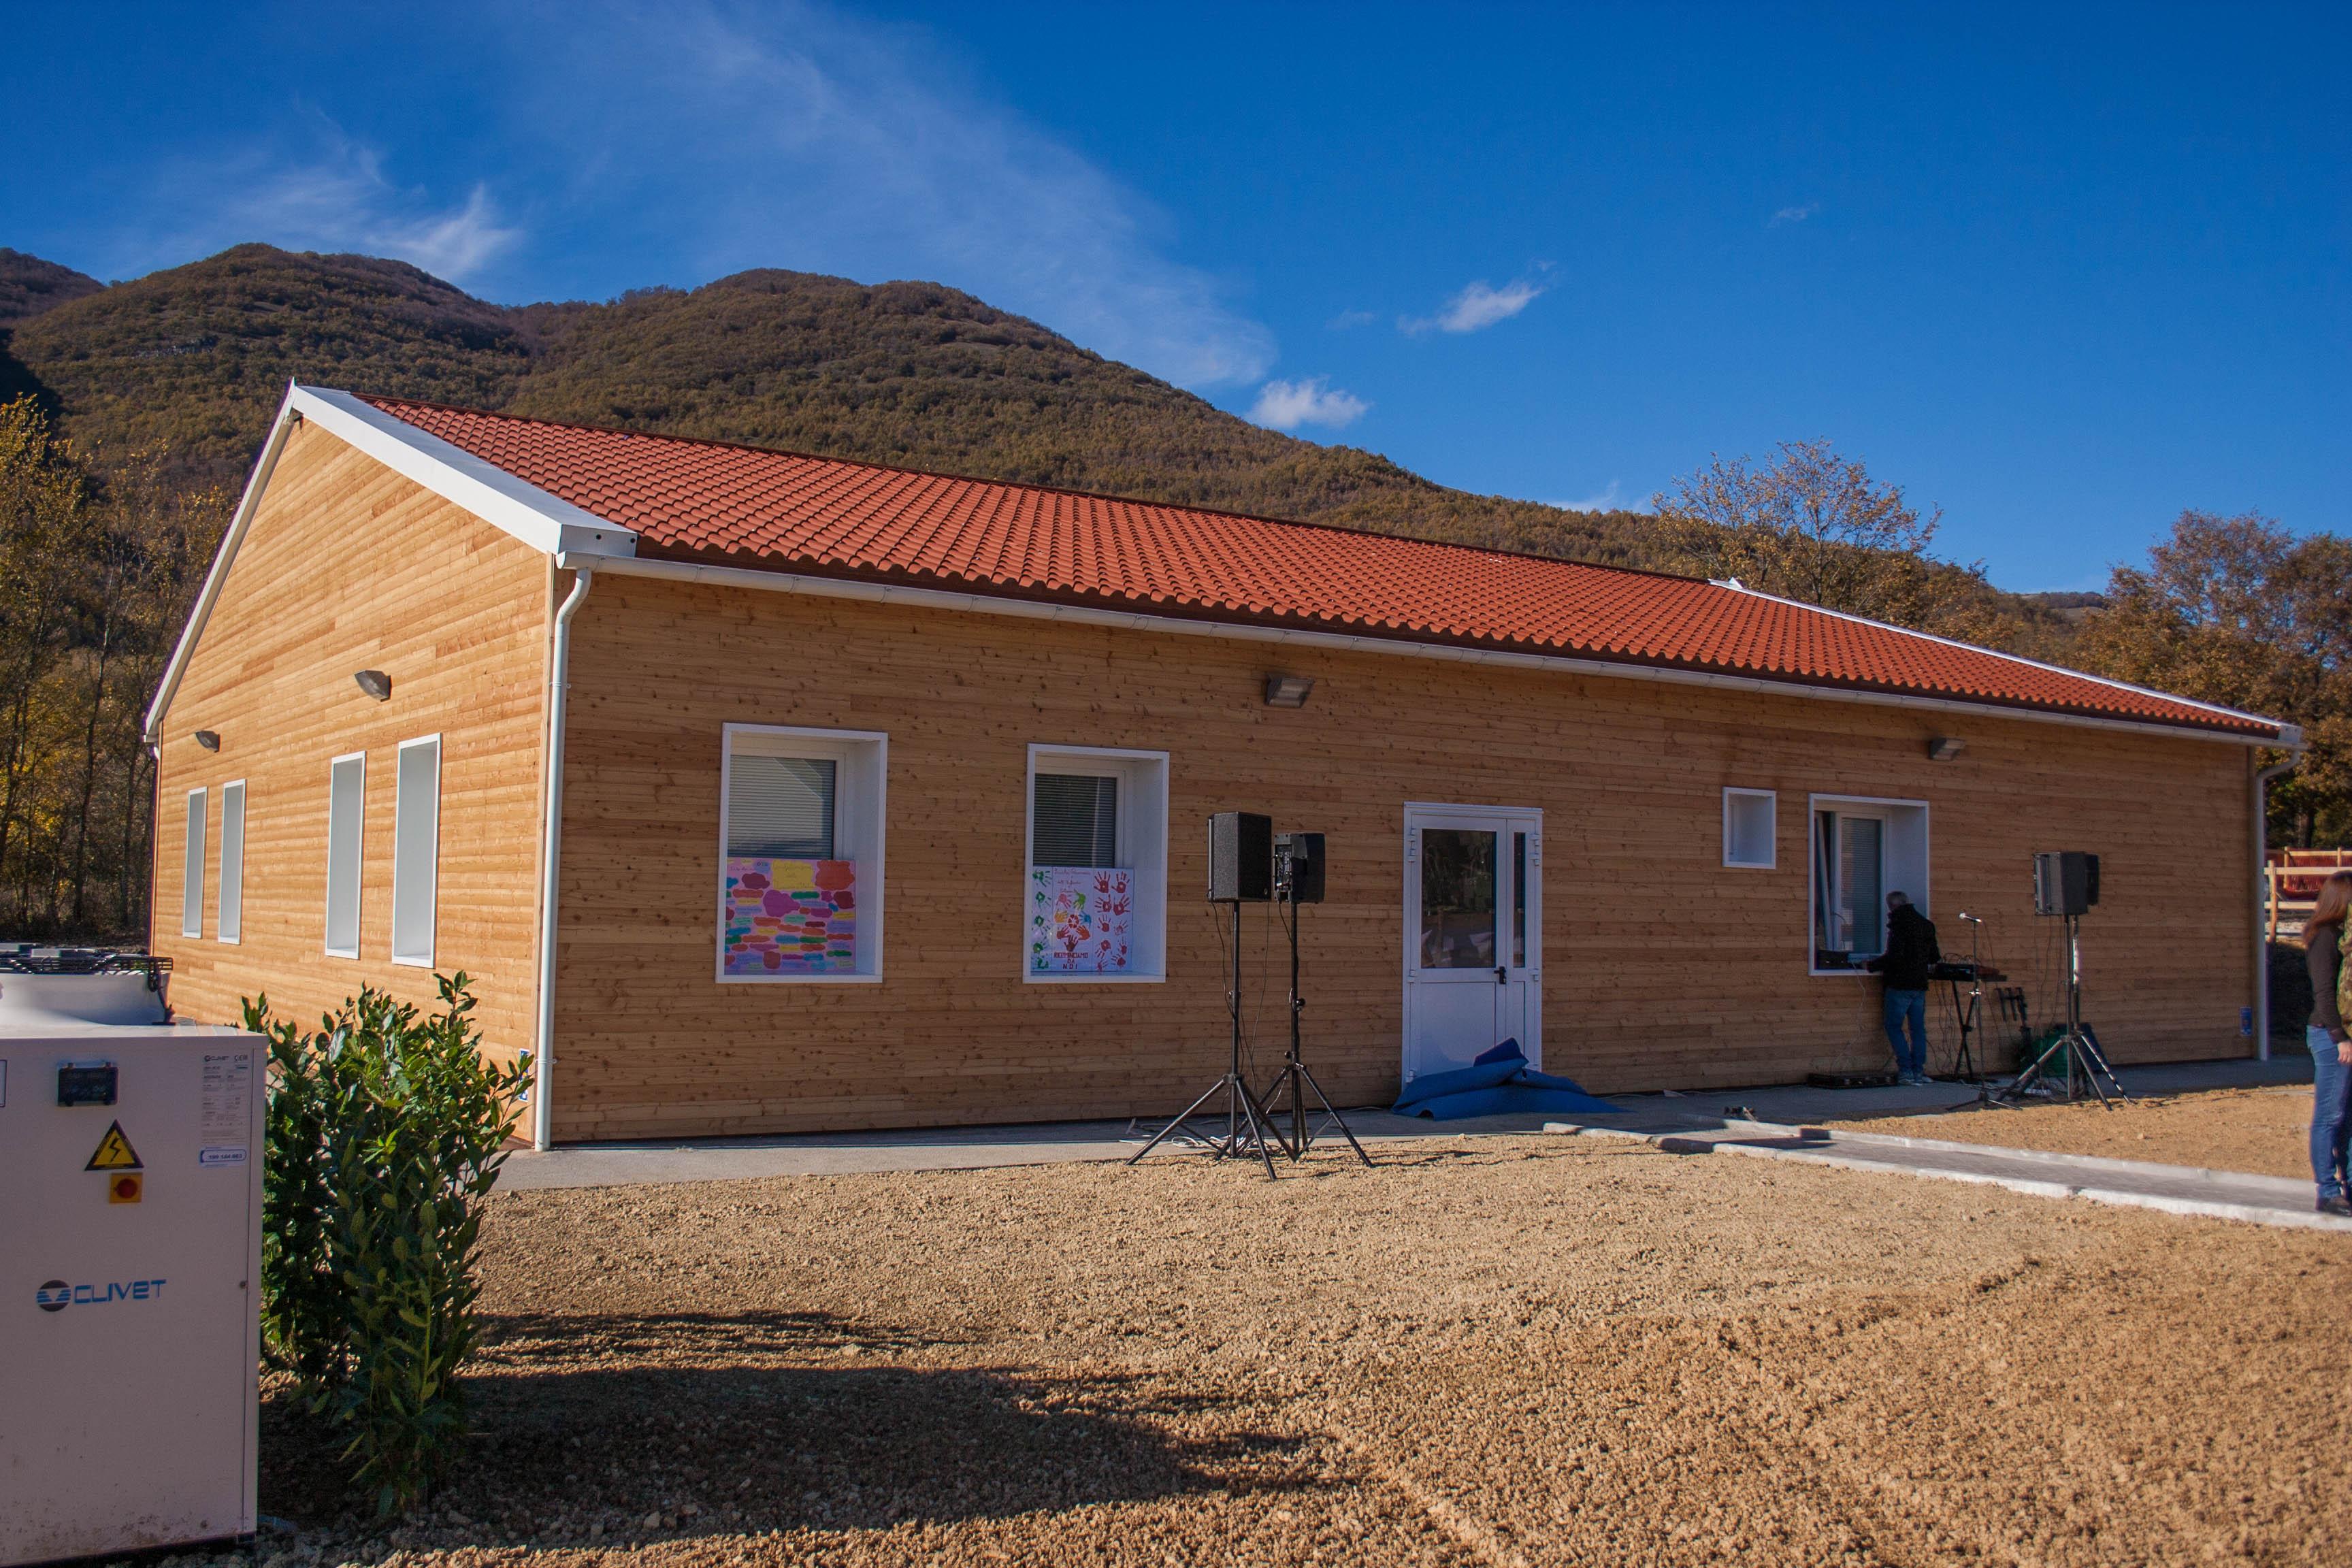 Ricostruzione dopo il terremoto: ecco chi costruirà le aree di accoglienza della popolazione